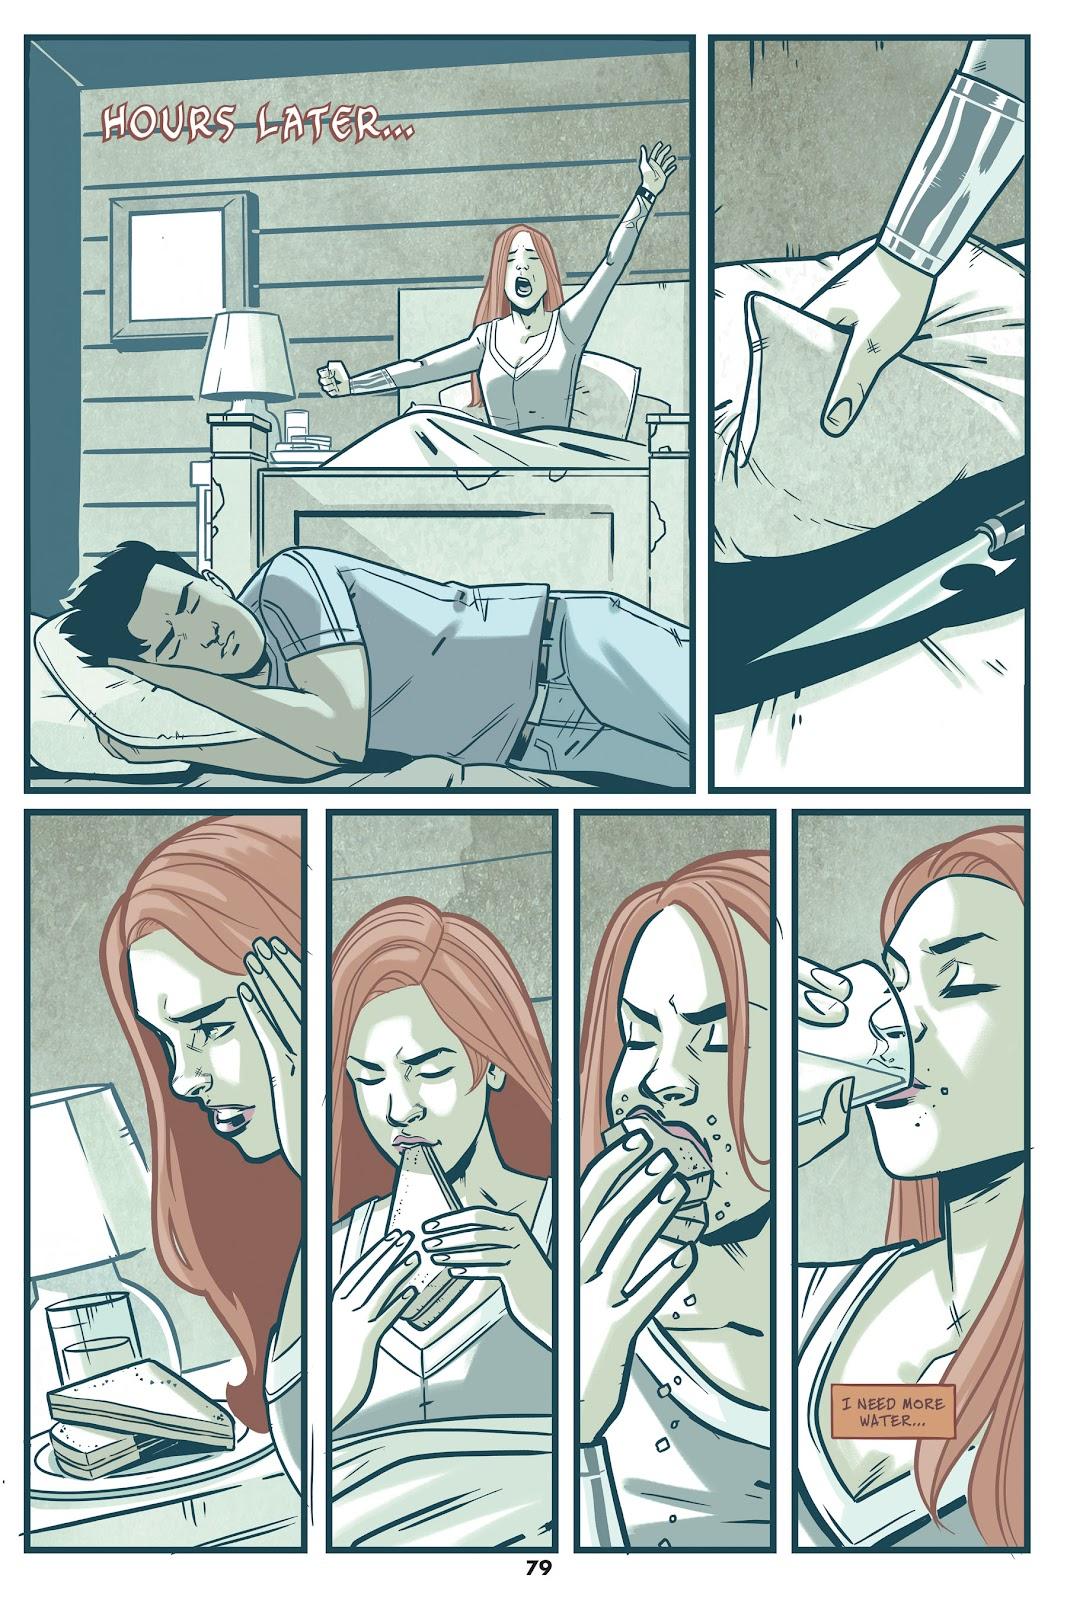 Read online Mera: Tidebreaker comic -  Issue # TPB (Part 1) - 79